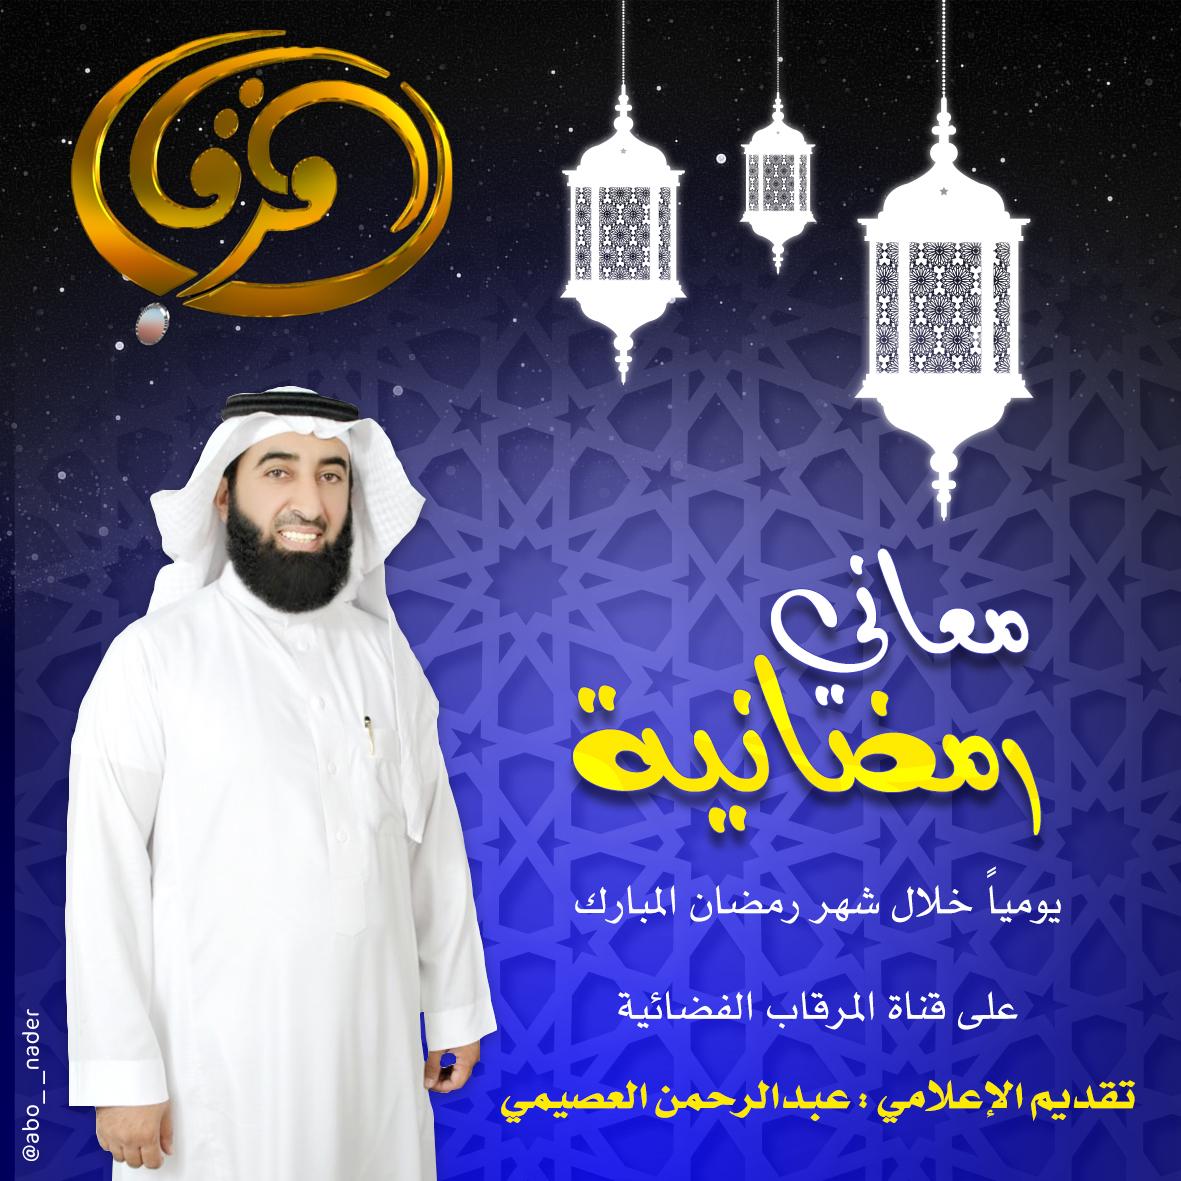 اعلان معاني رمضانية - قناة المرقاب